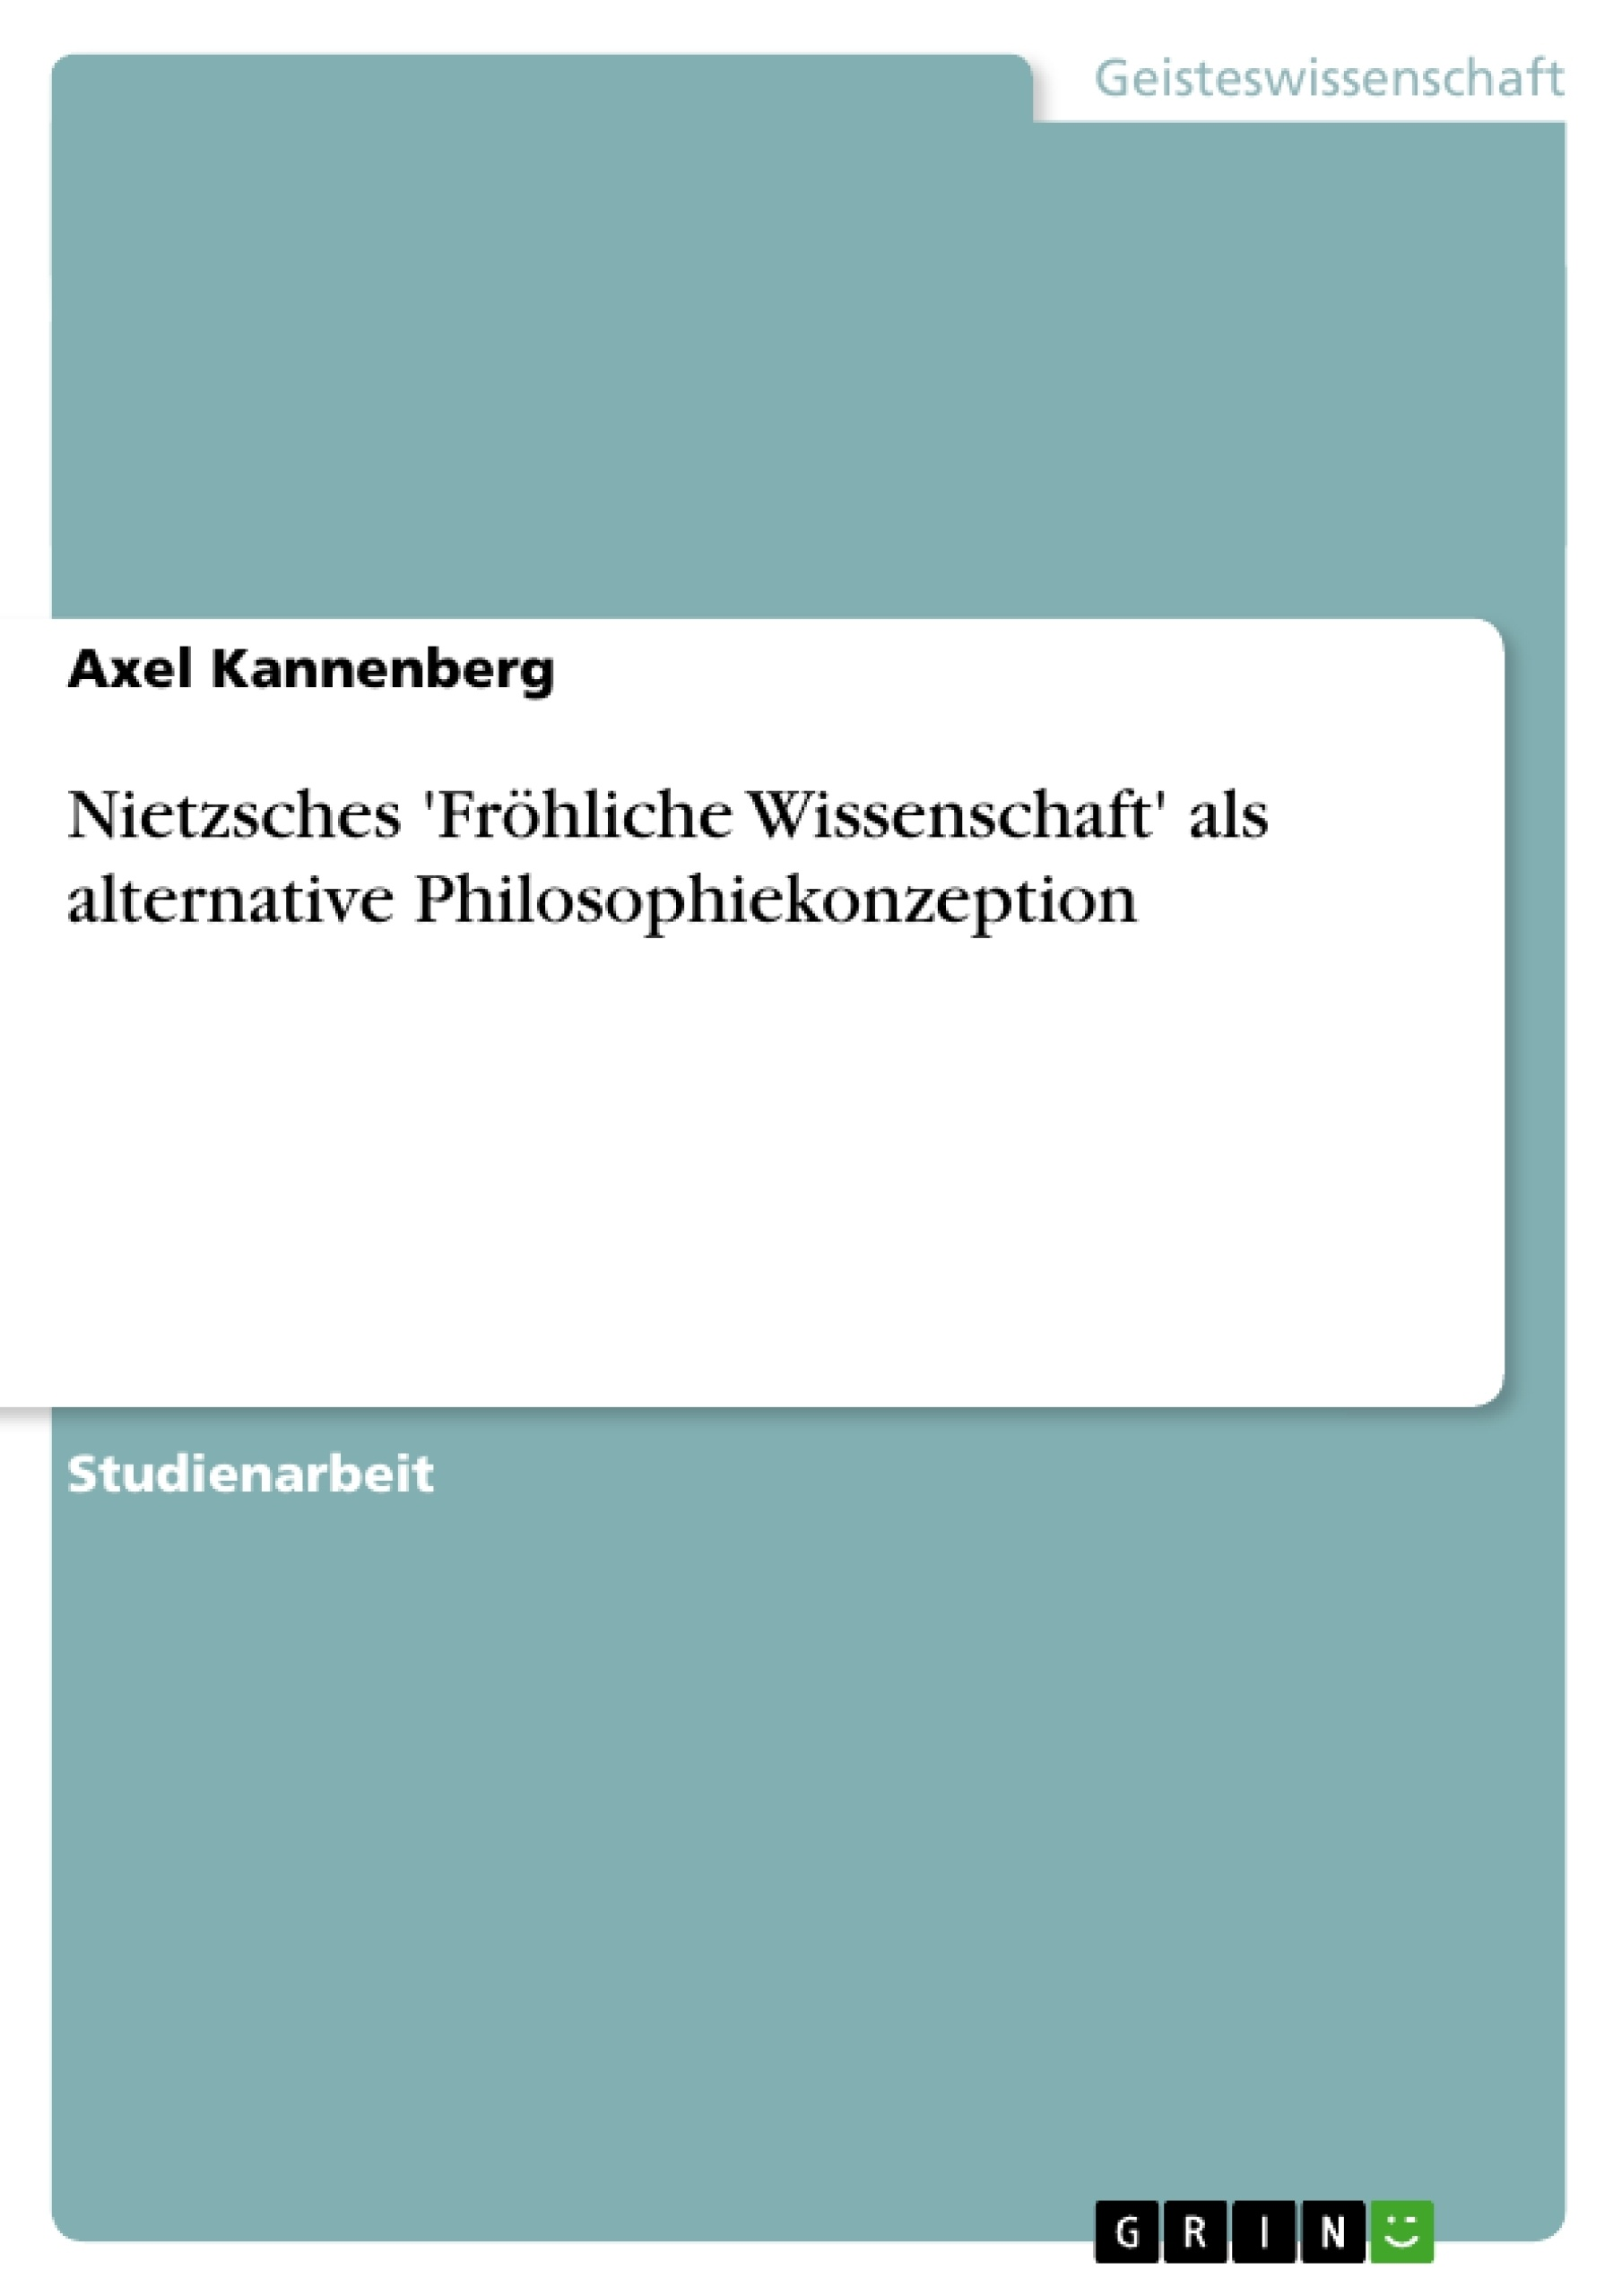 Titel: Nietzsches 'Fröhliche Wissenschaft' als alternative Philosophiekonzeption